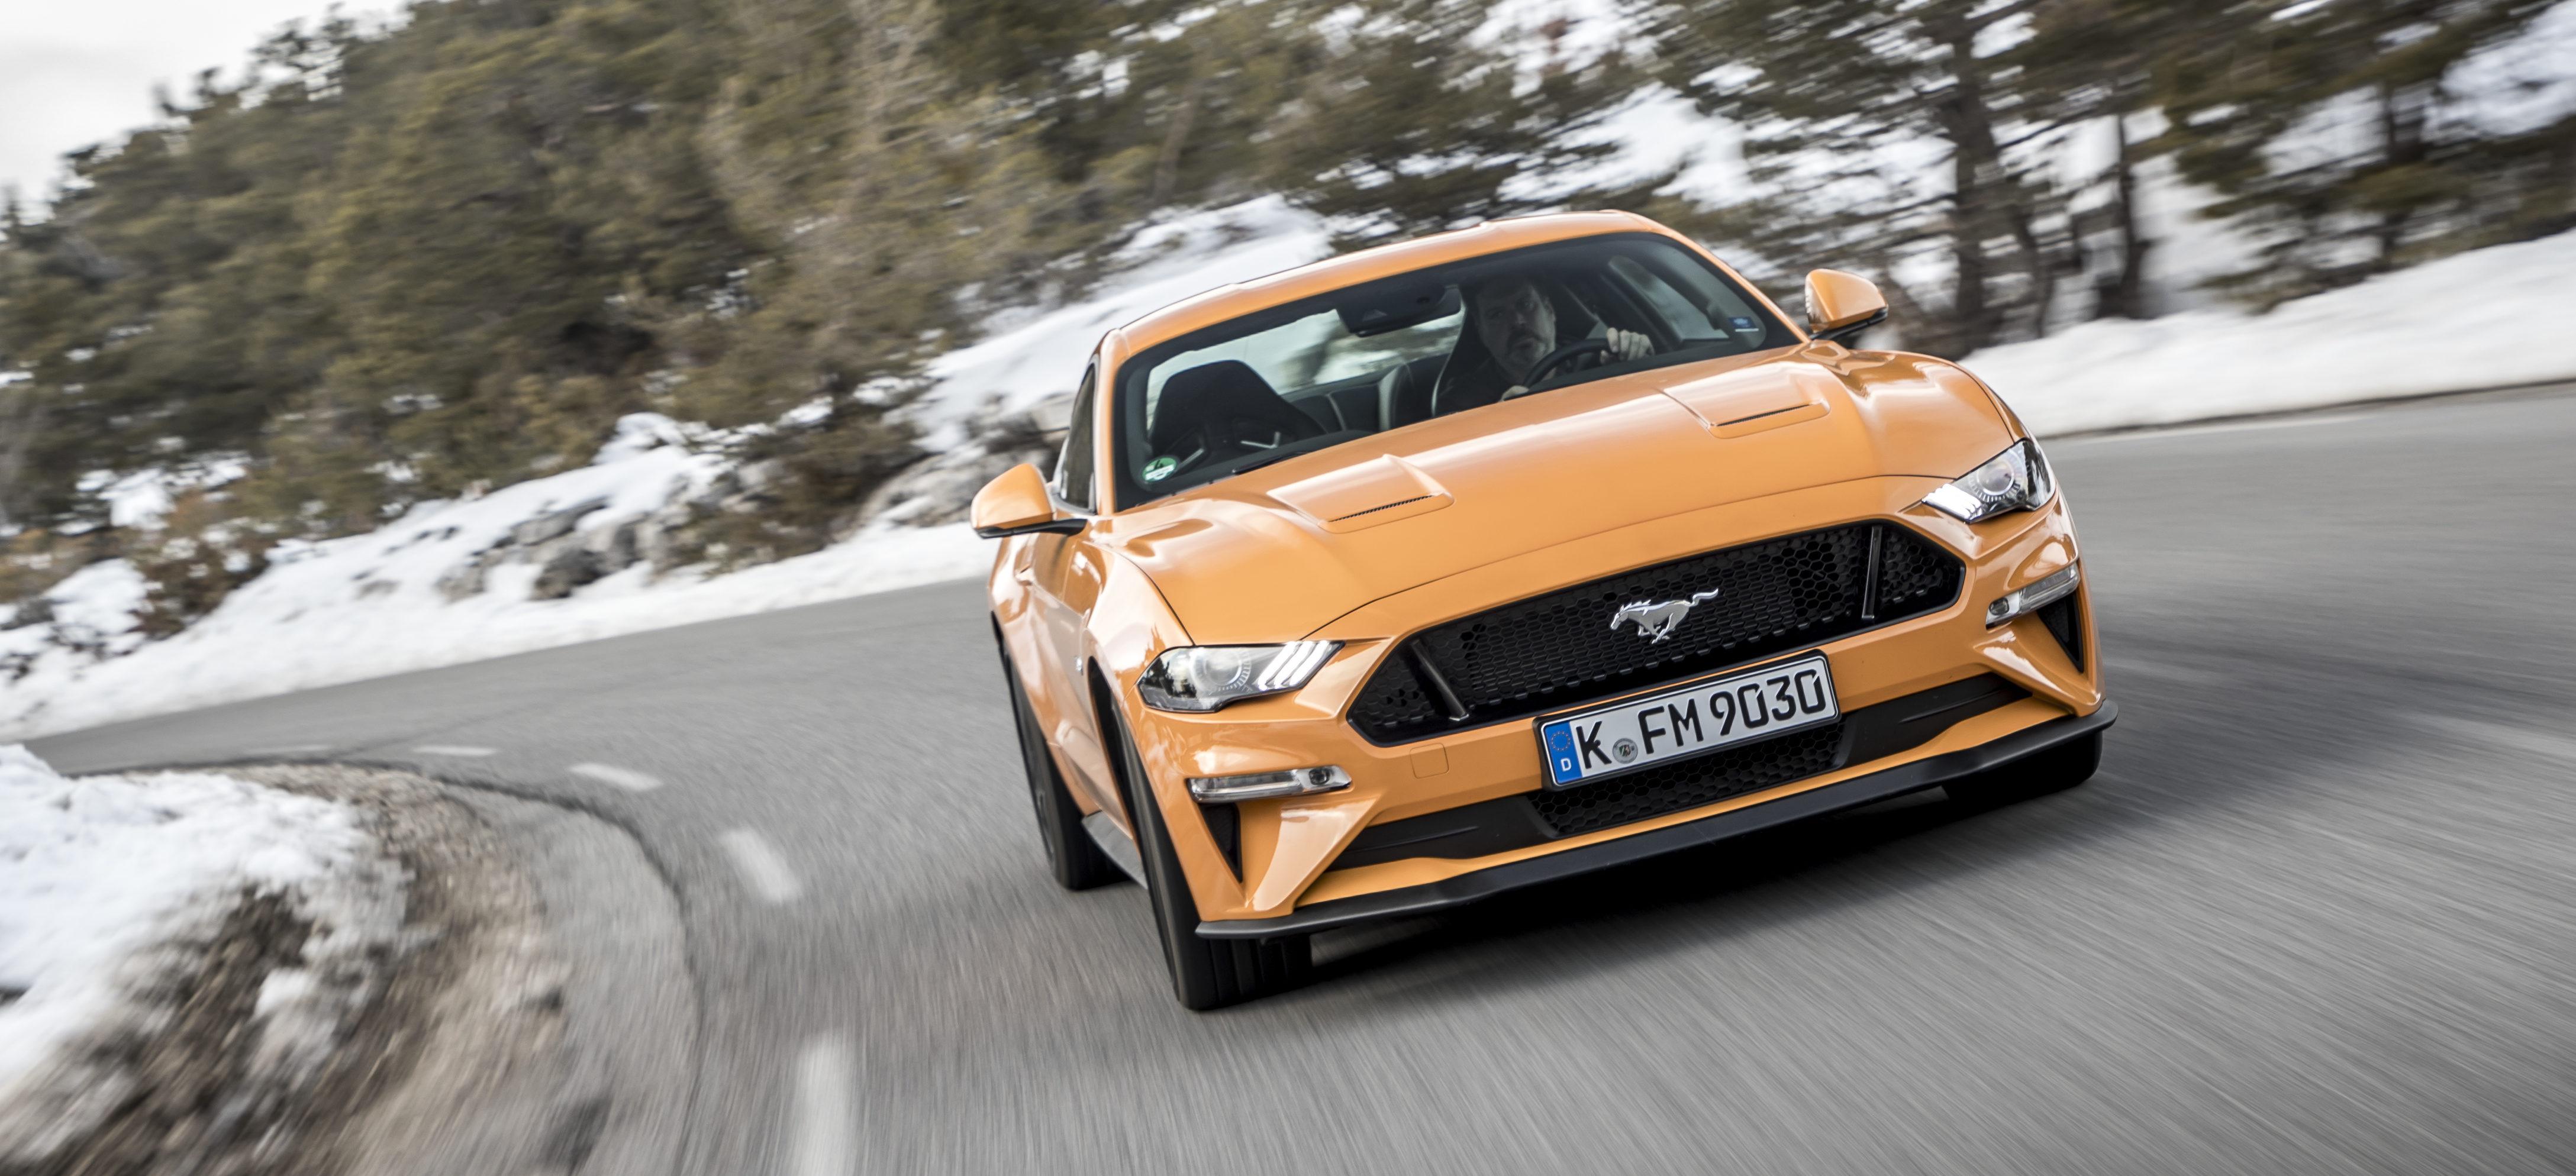 Legenda živi naprej – Ford Mustang